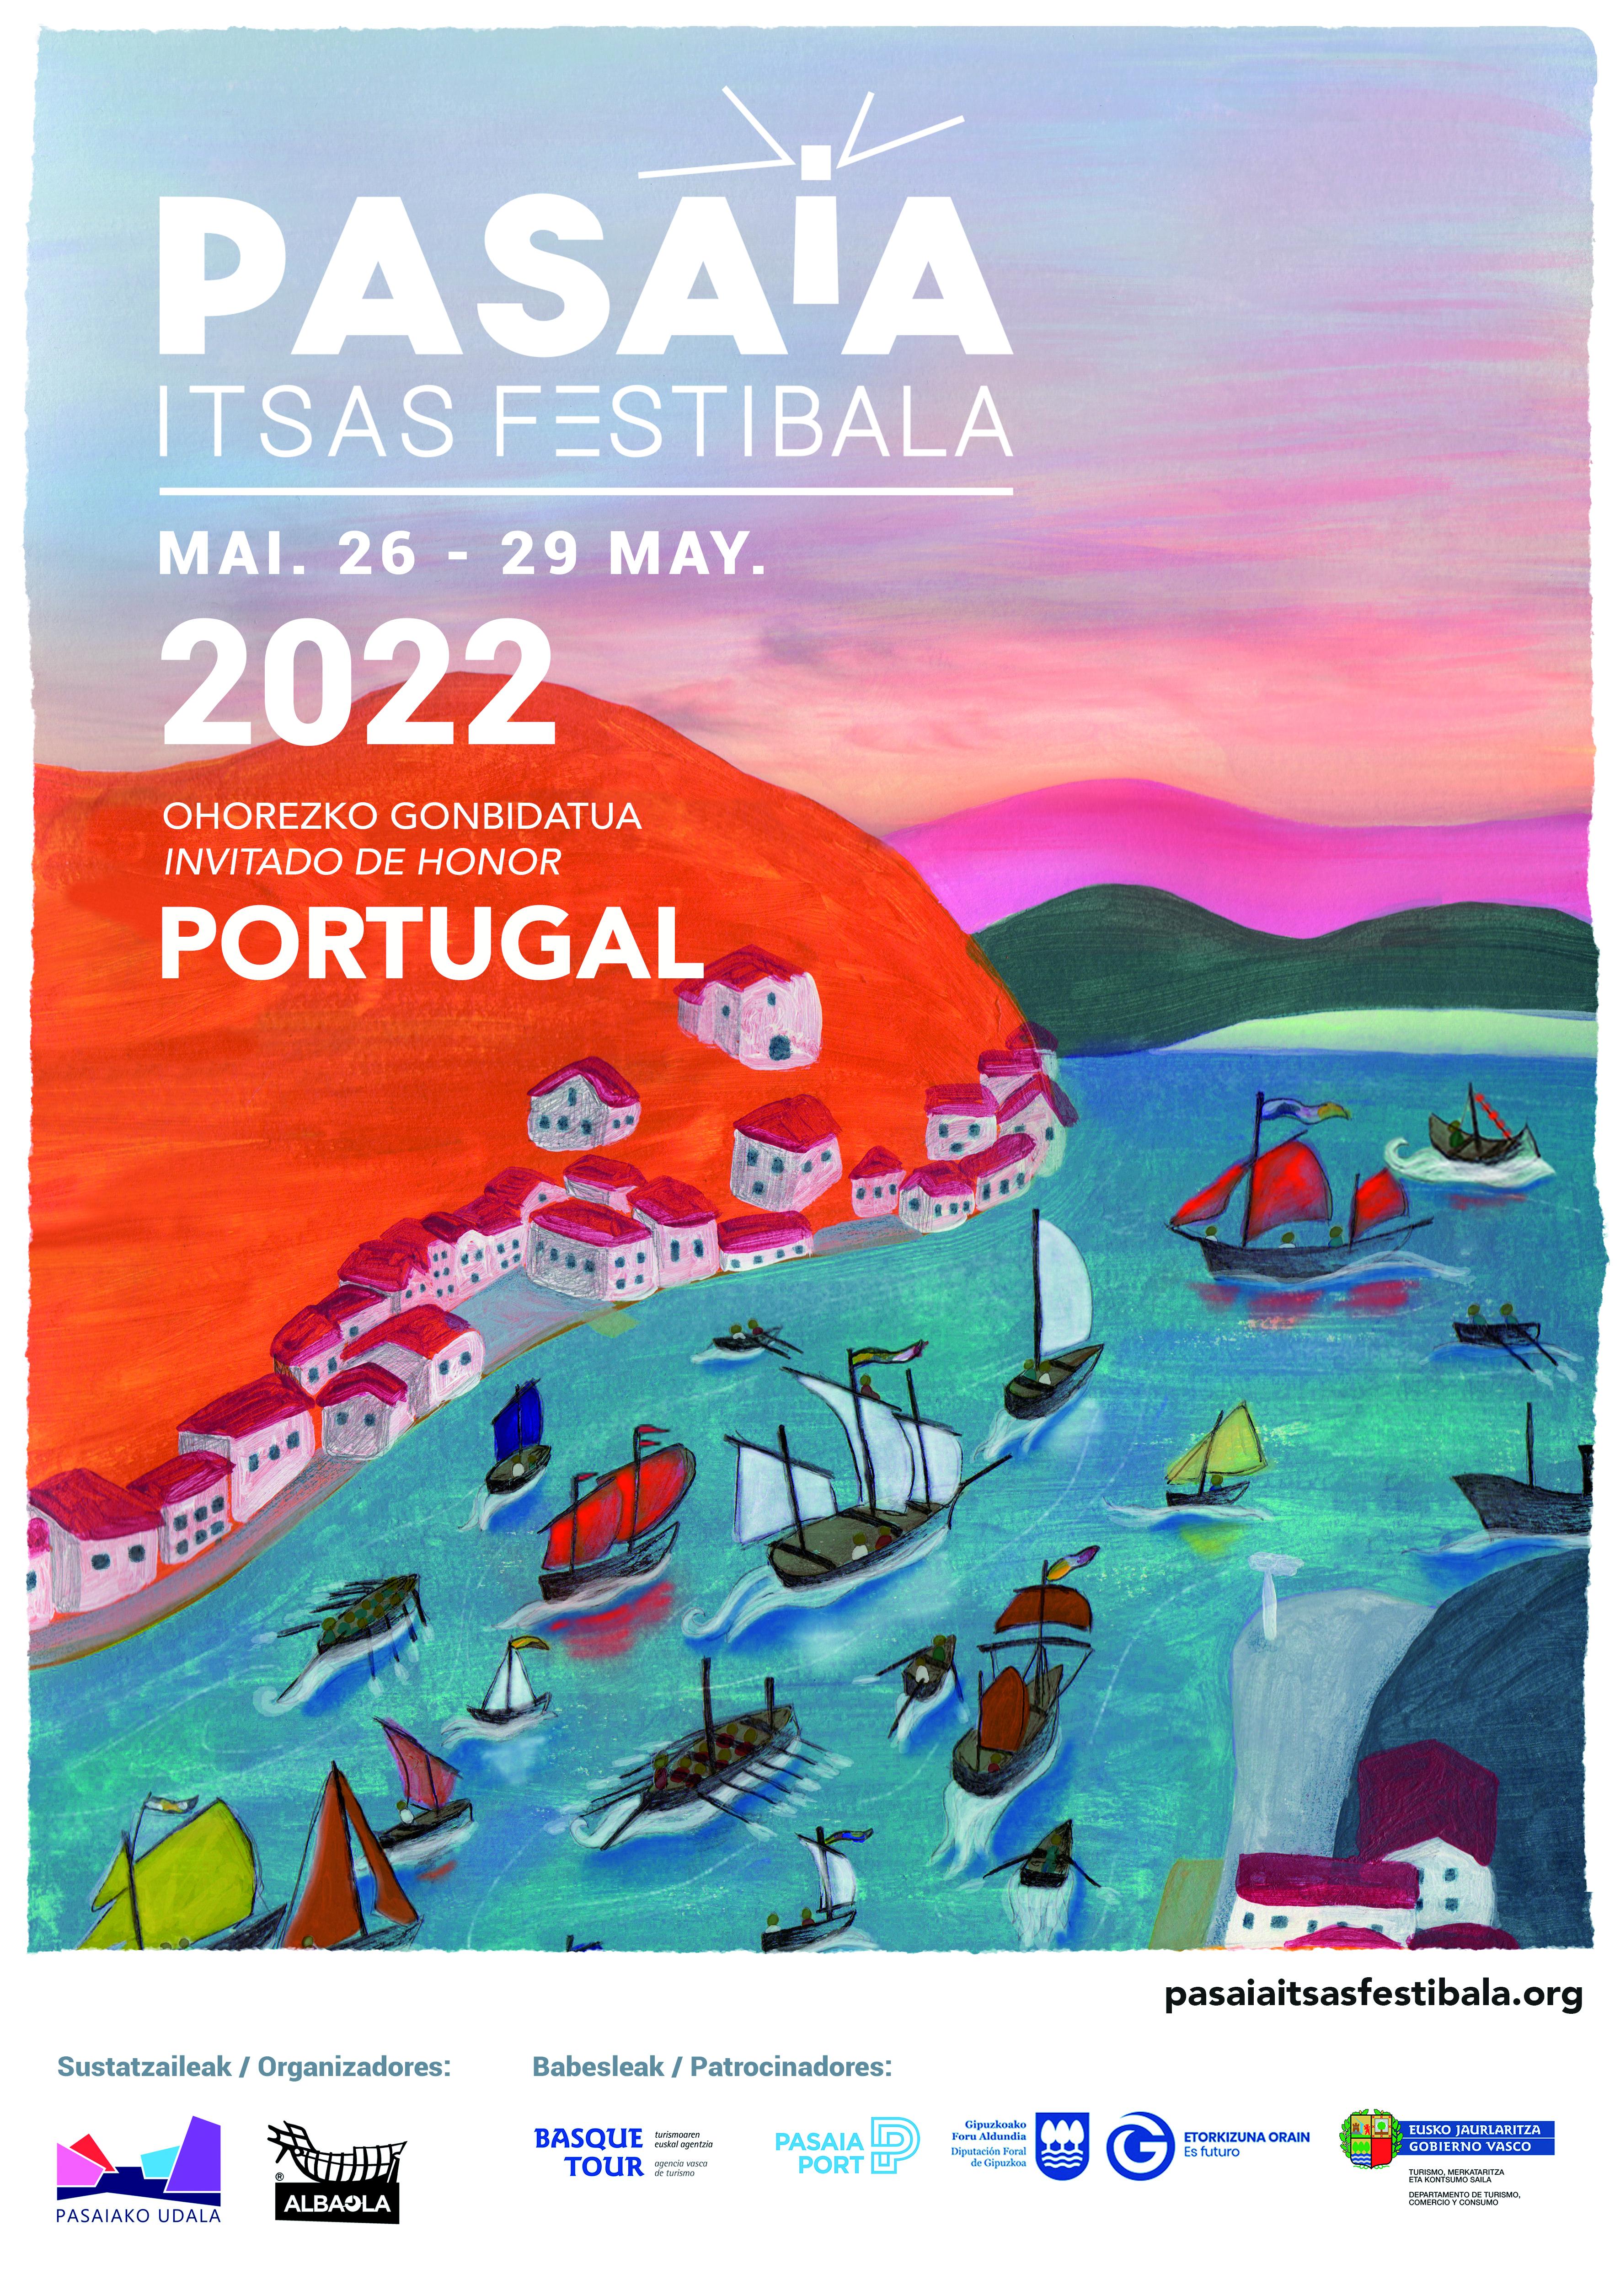 2022_PASAIA_ITSAS_FESTIBALA_KARTELA.jpg